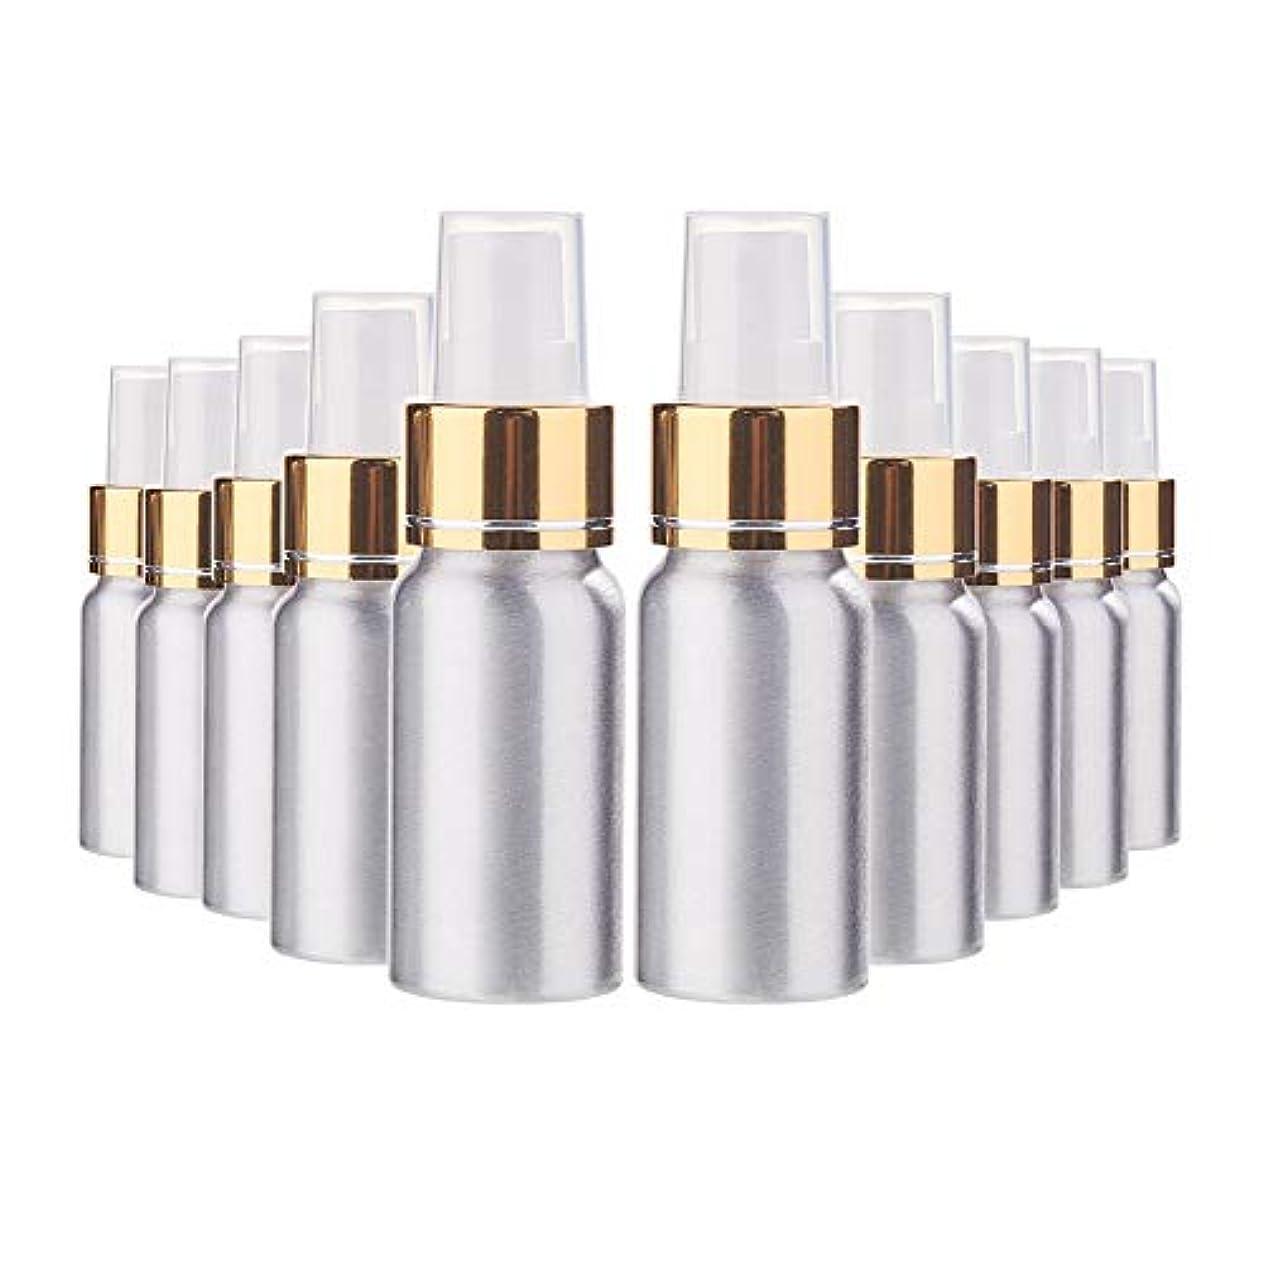 もし金銭的トランクライブラリBENECREAT 10個セット30mlスプレーアルミボトル 空ボトル 極細のミスト 防錆 軽量 化粧品 香水 小分け 詰め替え